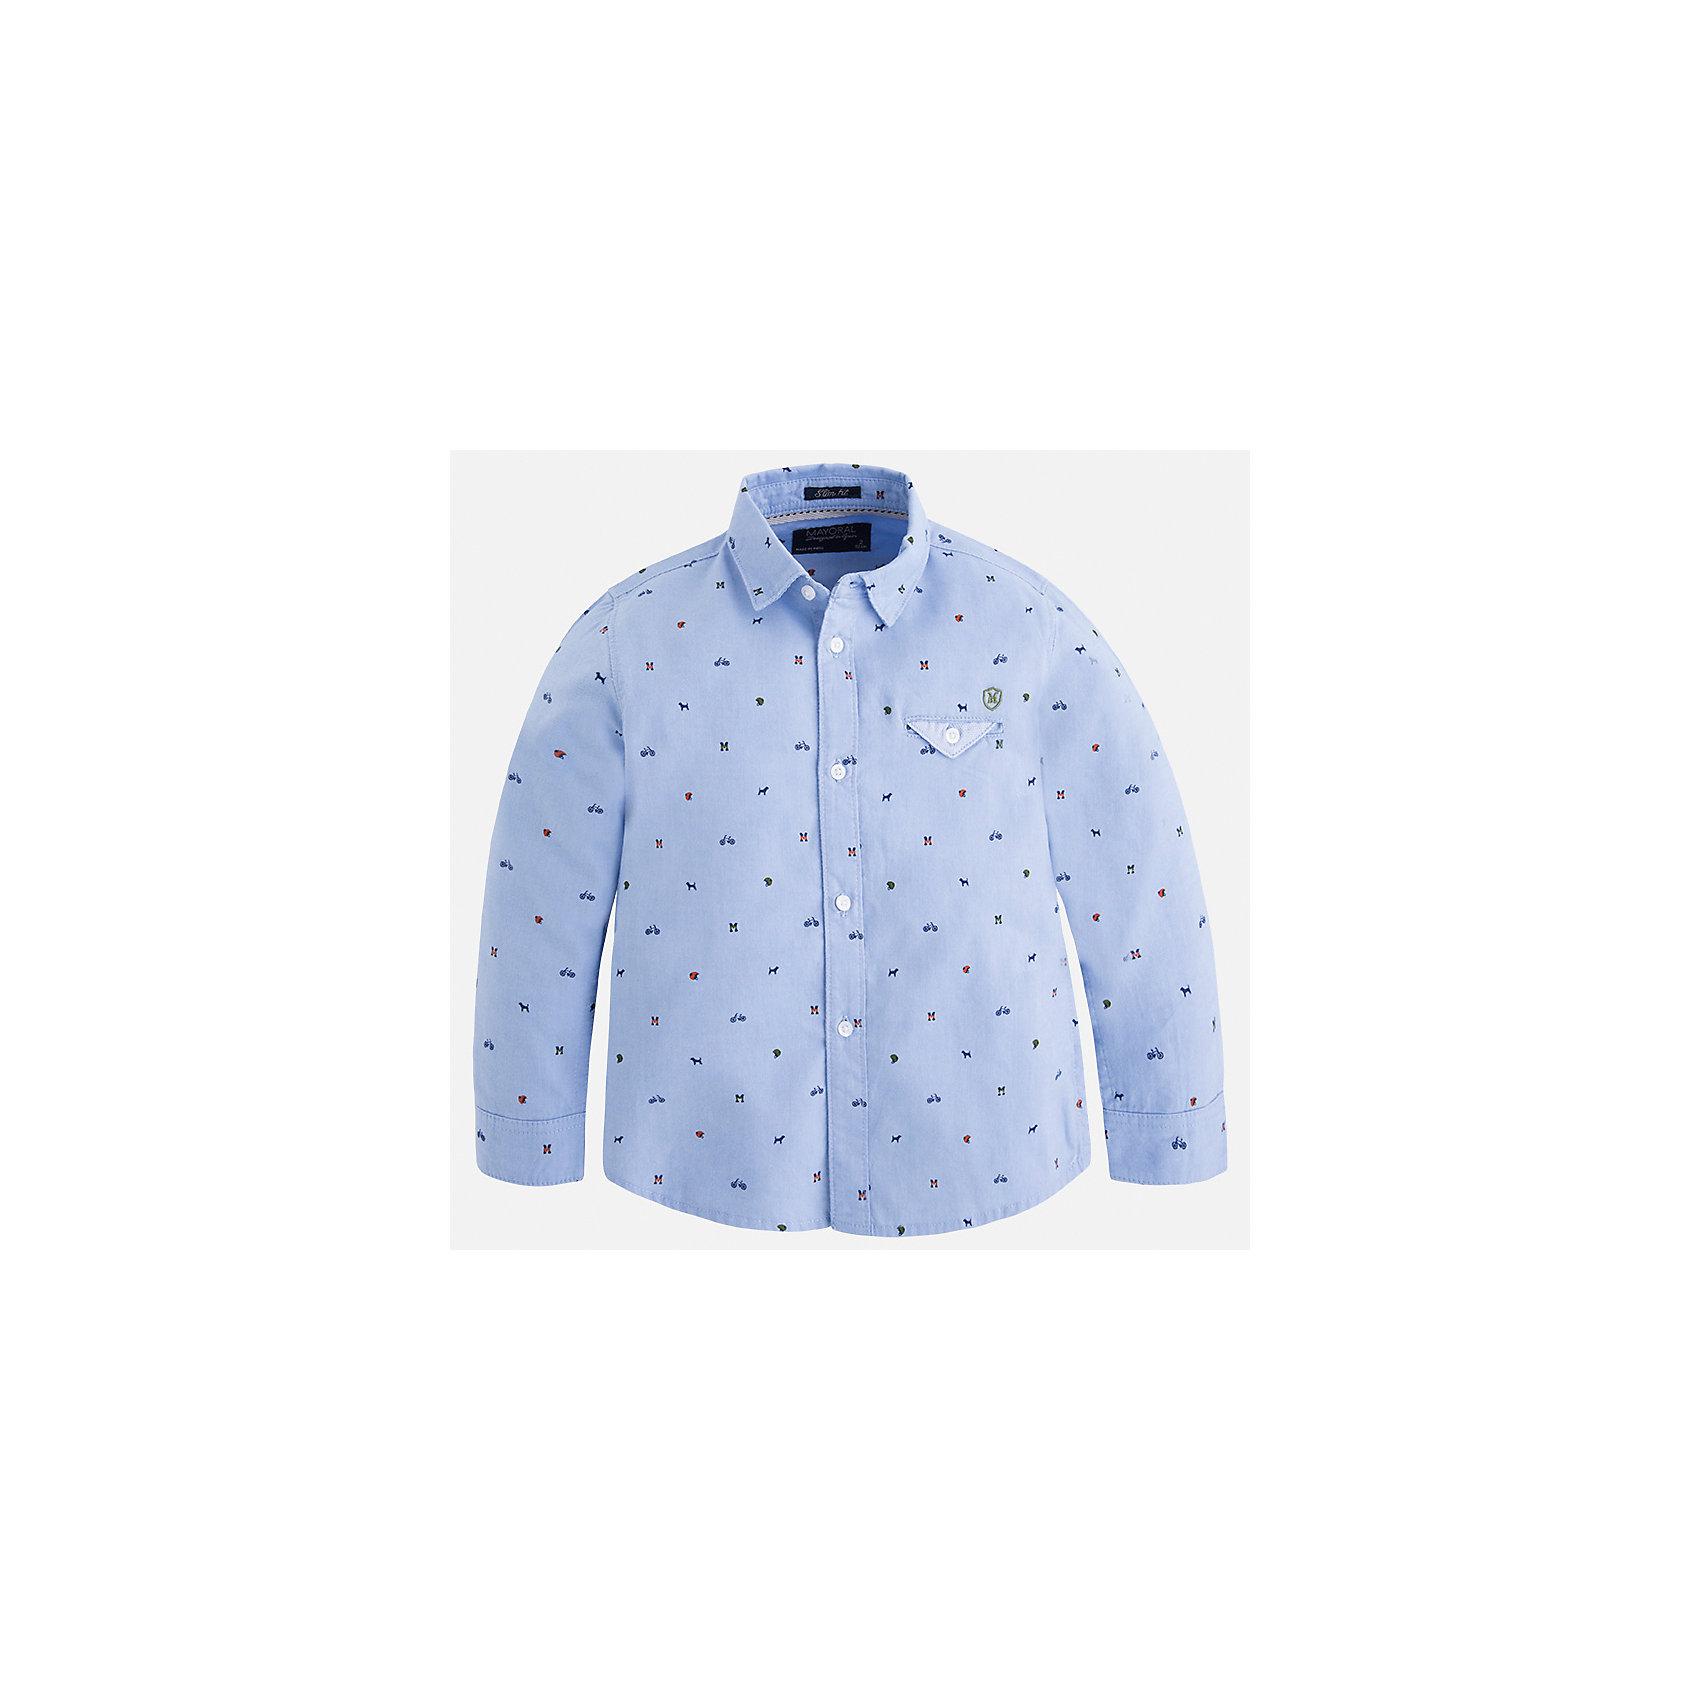 Рубашка Mayoral для мальчикаБлузки и рубашки<br>Характеристики товара:<br><br>• цвет: голубой<br>• состав ткани: 100% хлопок<br>• сезон: демисезон<br>• особенности модели: школьная<br>• застежка: пуговицы<br>• длинные рукава<br>• страна бренда: Испания<br>• страна изготовитель: Индия<br><br>Модная рубашка с длинным рукавом для мальчика от Майорал поможет обеспечить ребенку комфорт. Детская рубашка отличается стильным и продуманным дизайном. В рубашке для мальчика от испанской компании Майорал ребенок будет выглядеть модно, а чувствовать себя - комфортно. <br><br>Рубашку для мальчика Mayoral (Майорал) можно купить в нашем интернет-магазине.<br><br>Ширина мм: 174<br>Глубина мм: 10<br>Высота мм: 169<br>Вес г: 157<br>Цвет: синий<br>Возраст от месяцев: 96<br>Возраст до месяцев: 108<br>Пол: Мужской<br>Возраст: Детский<br>Размер: 134,92,98,104,110,116,122,128<br>SKU: 6934093